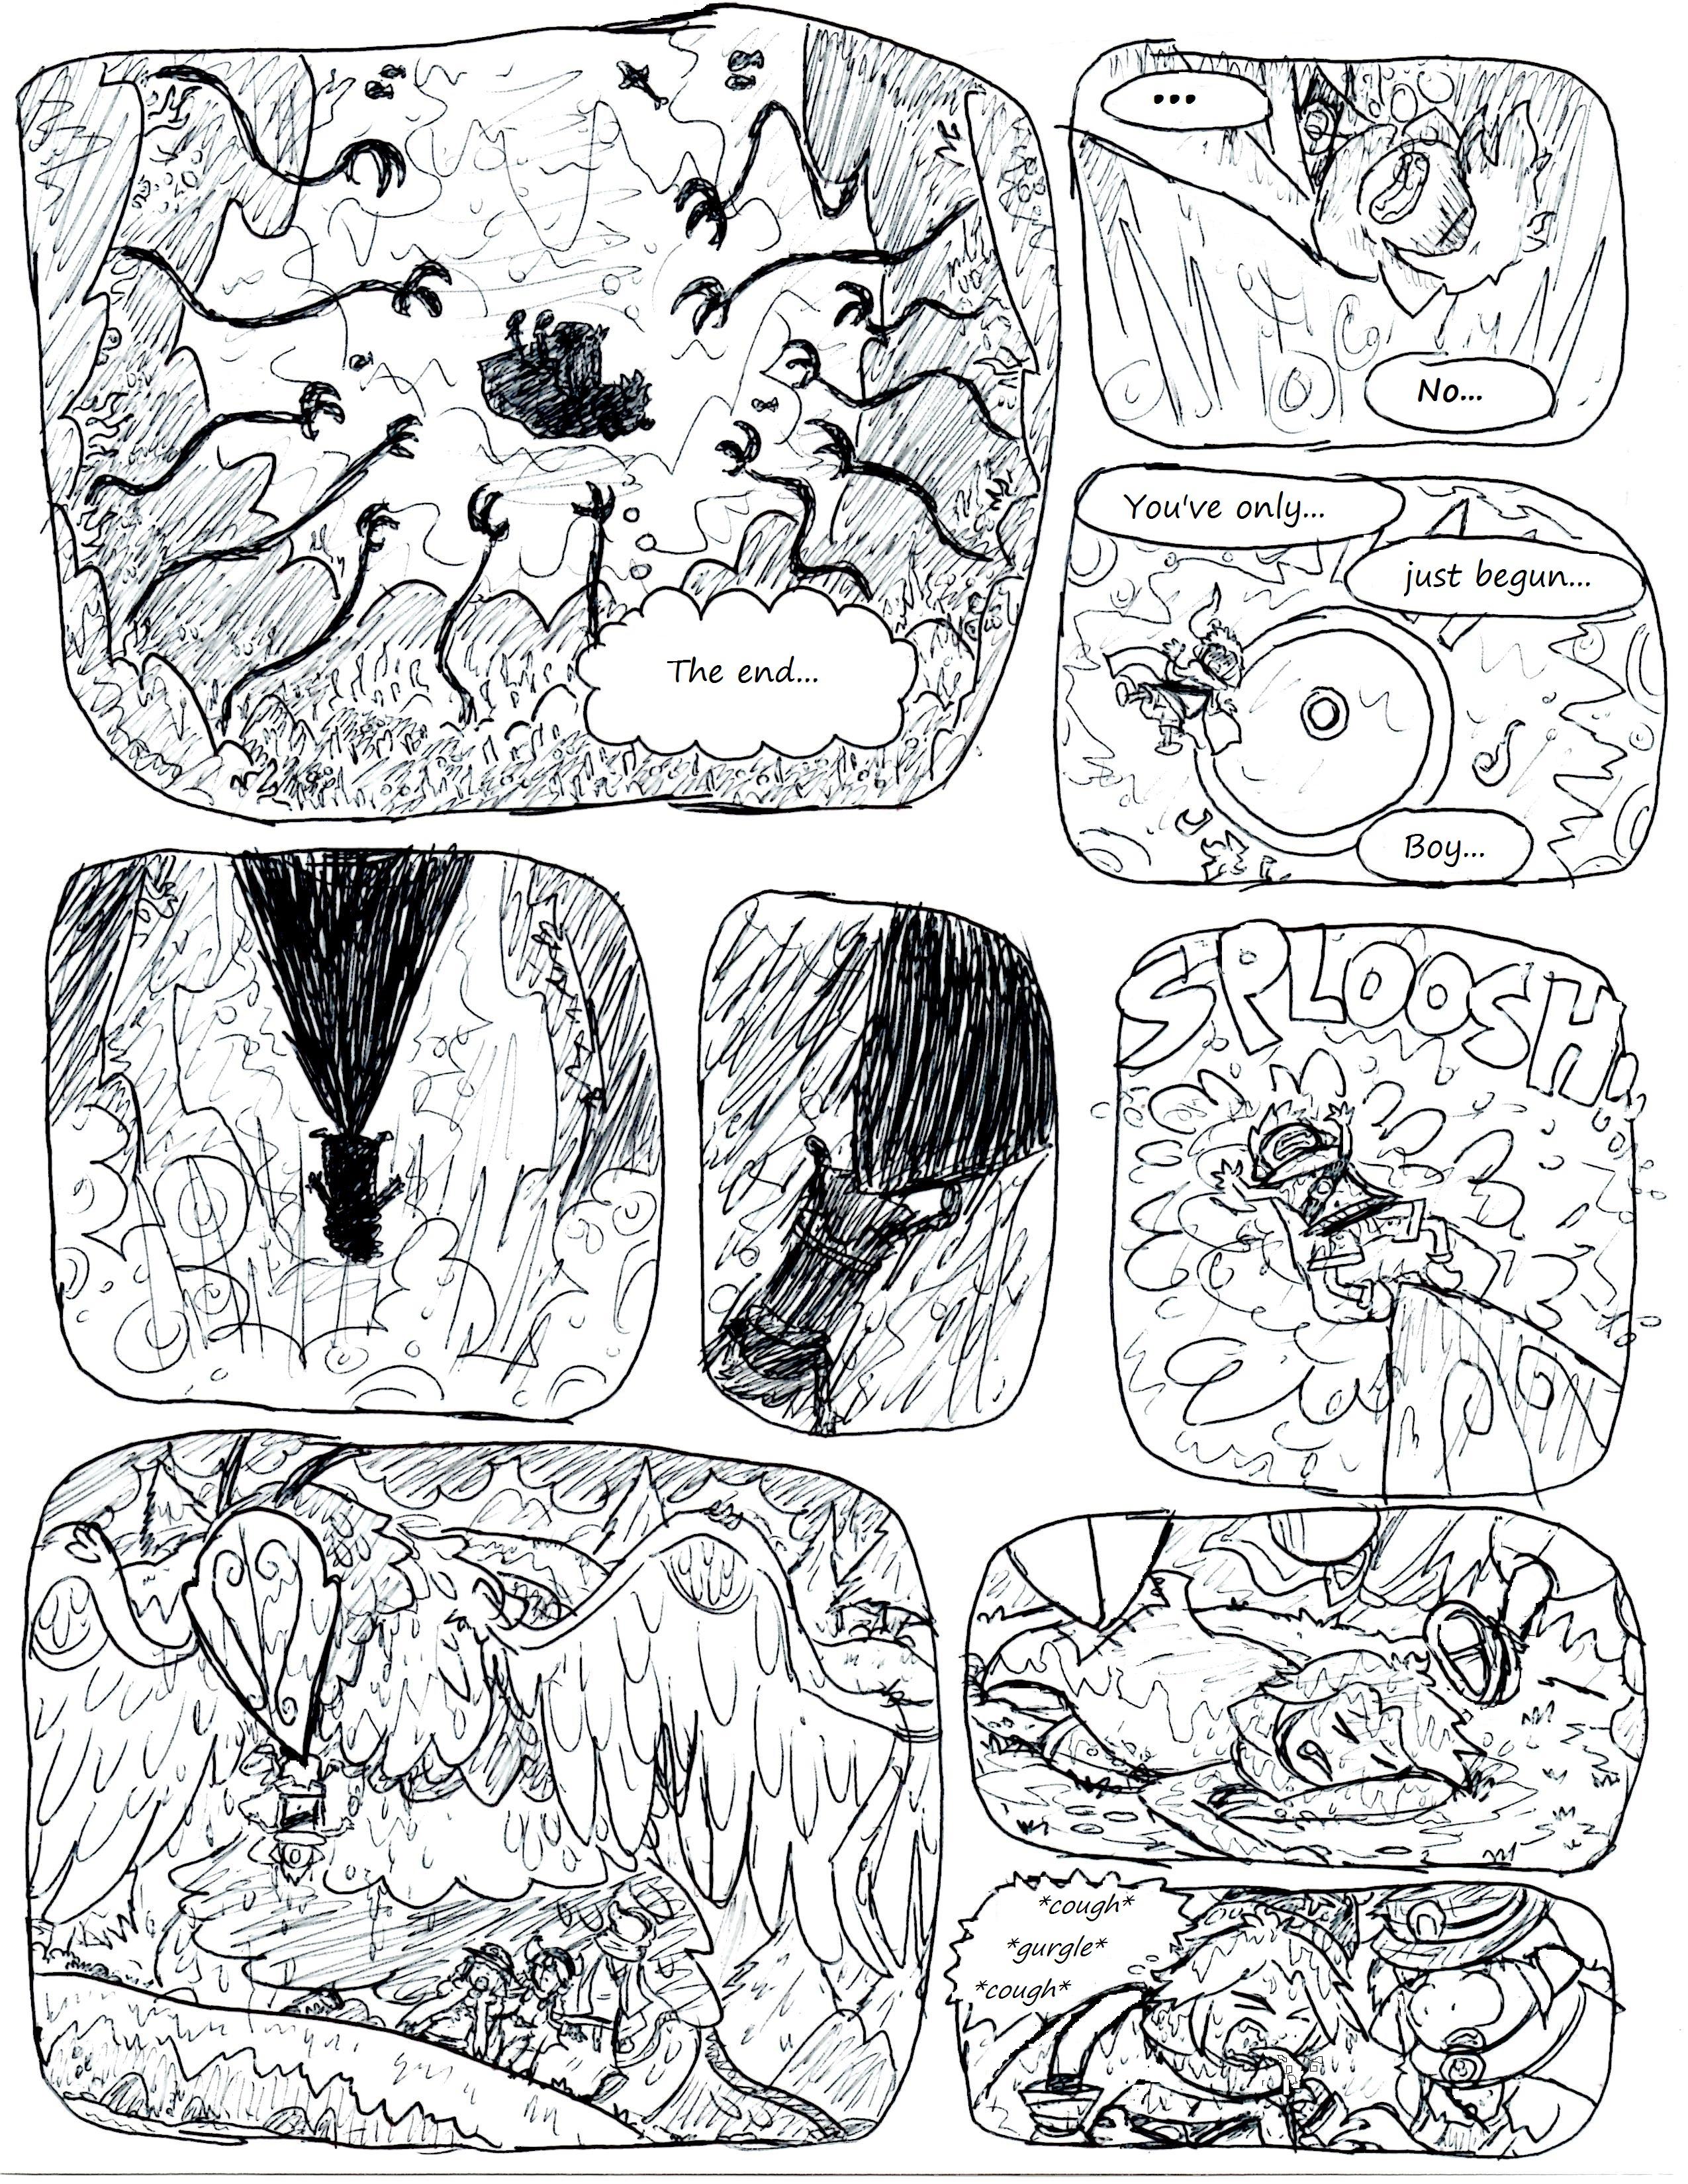 COV8 Page 86